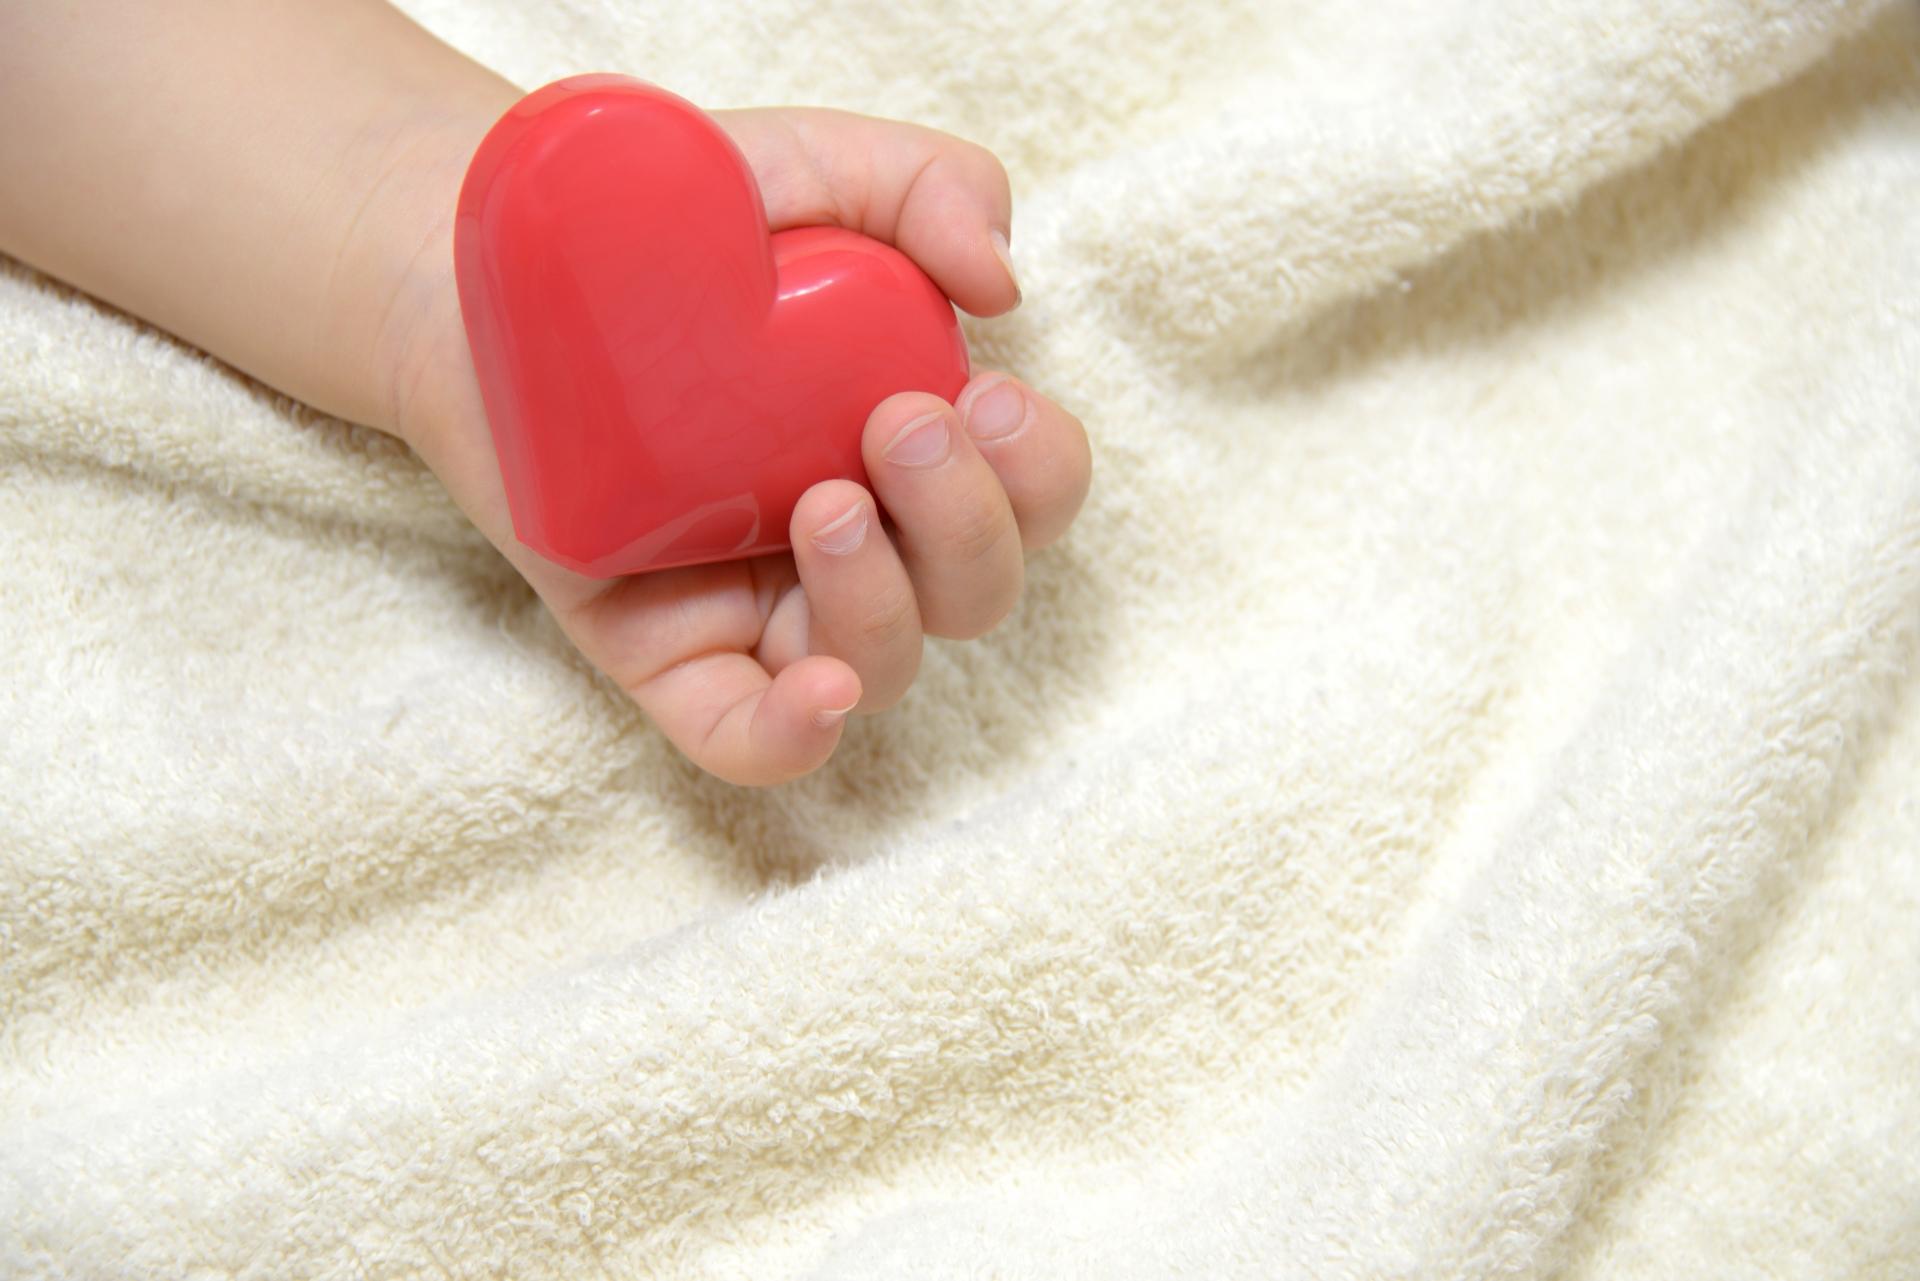 ハートのおもちゃを持つ赤ちゃん